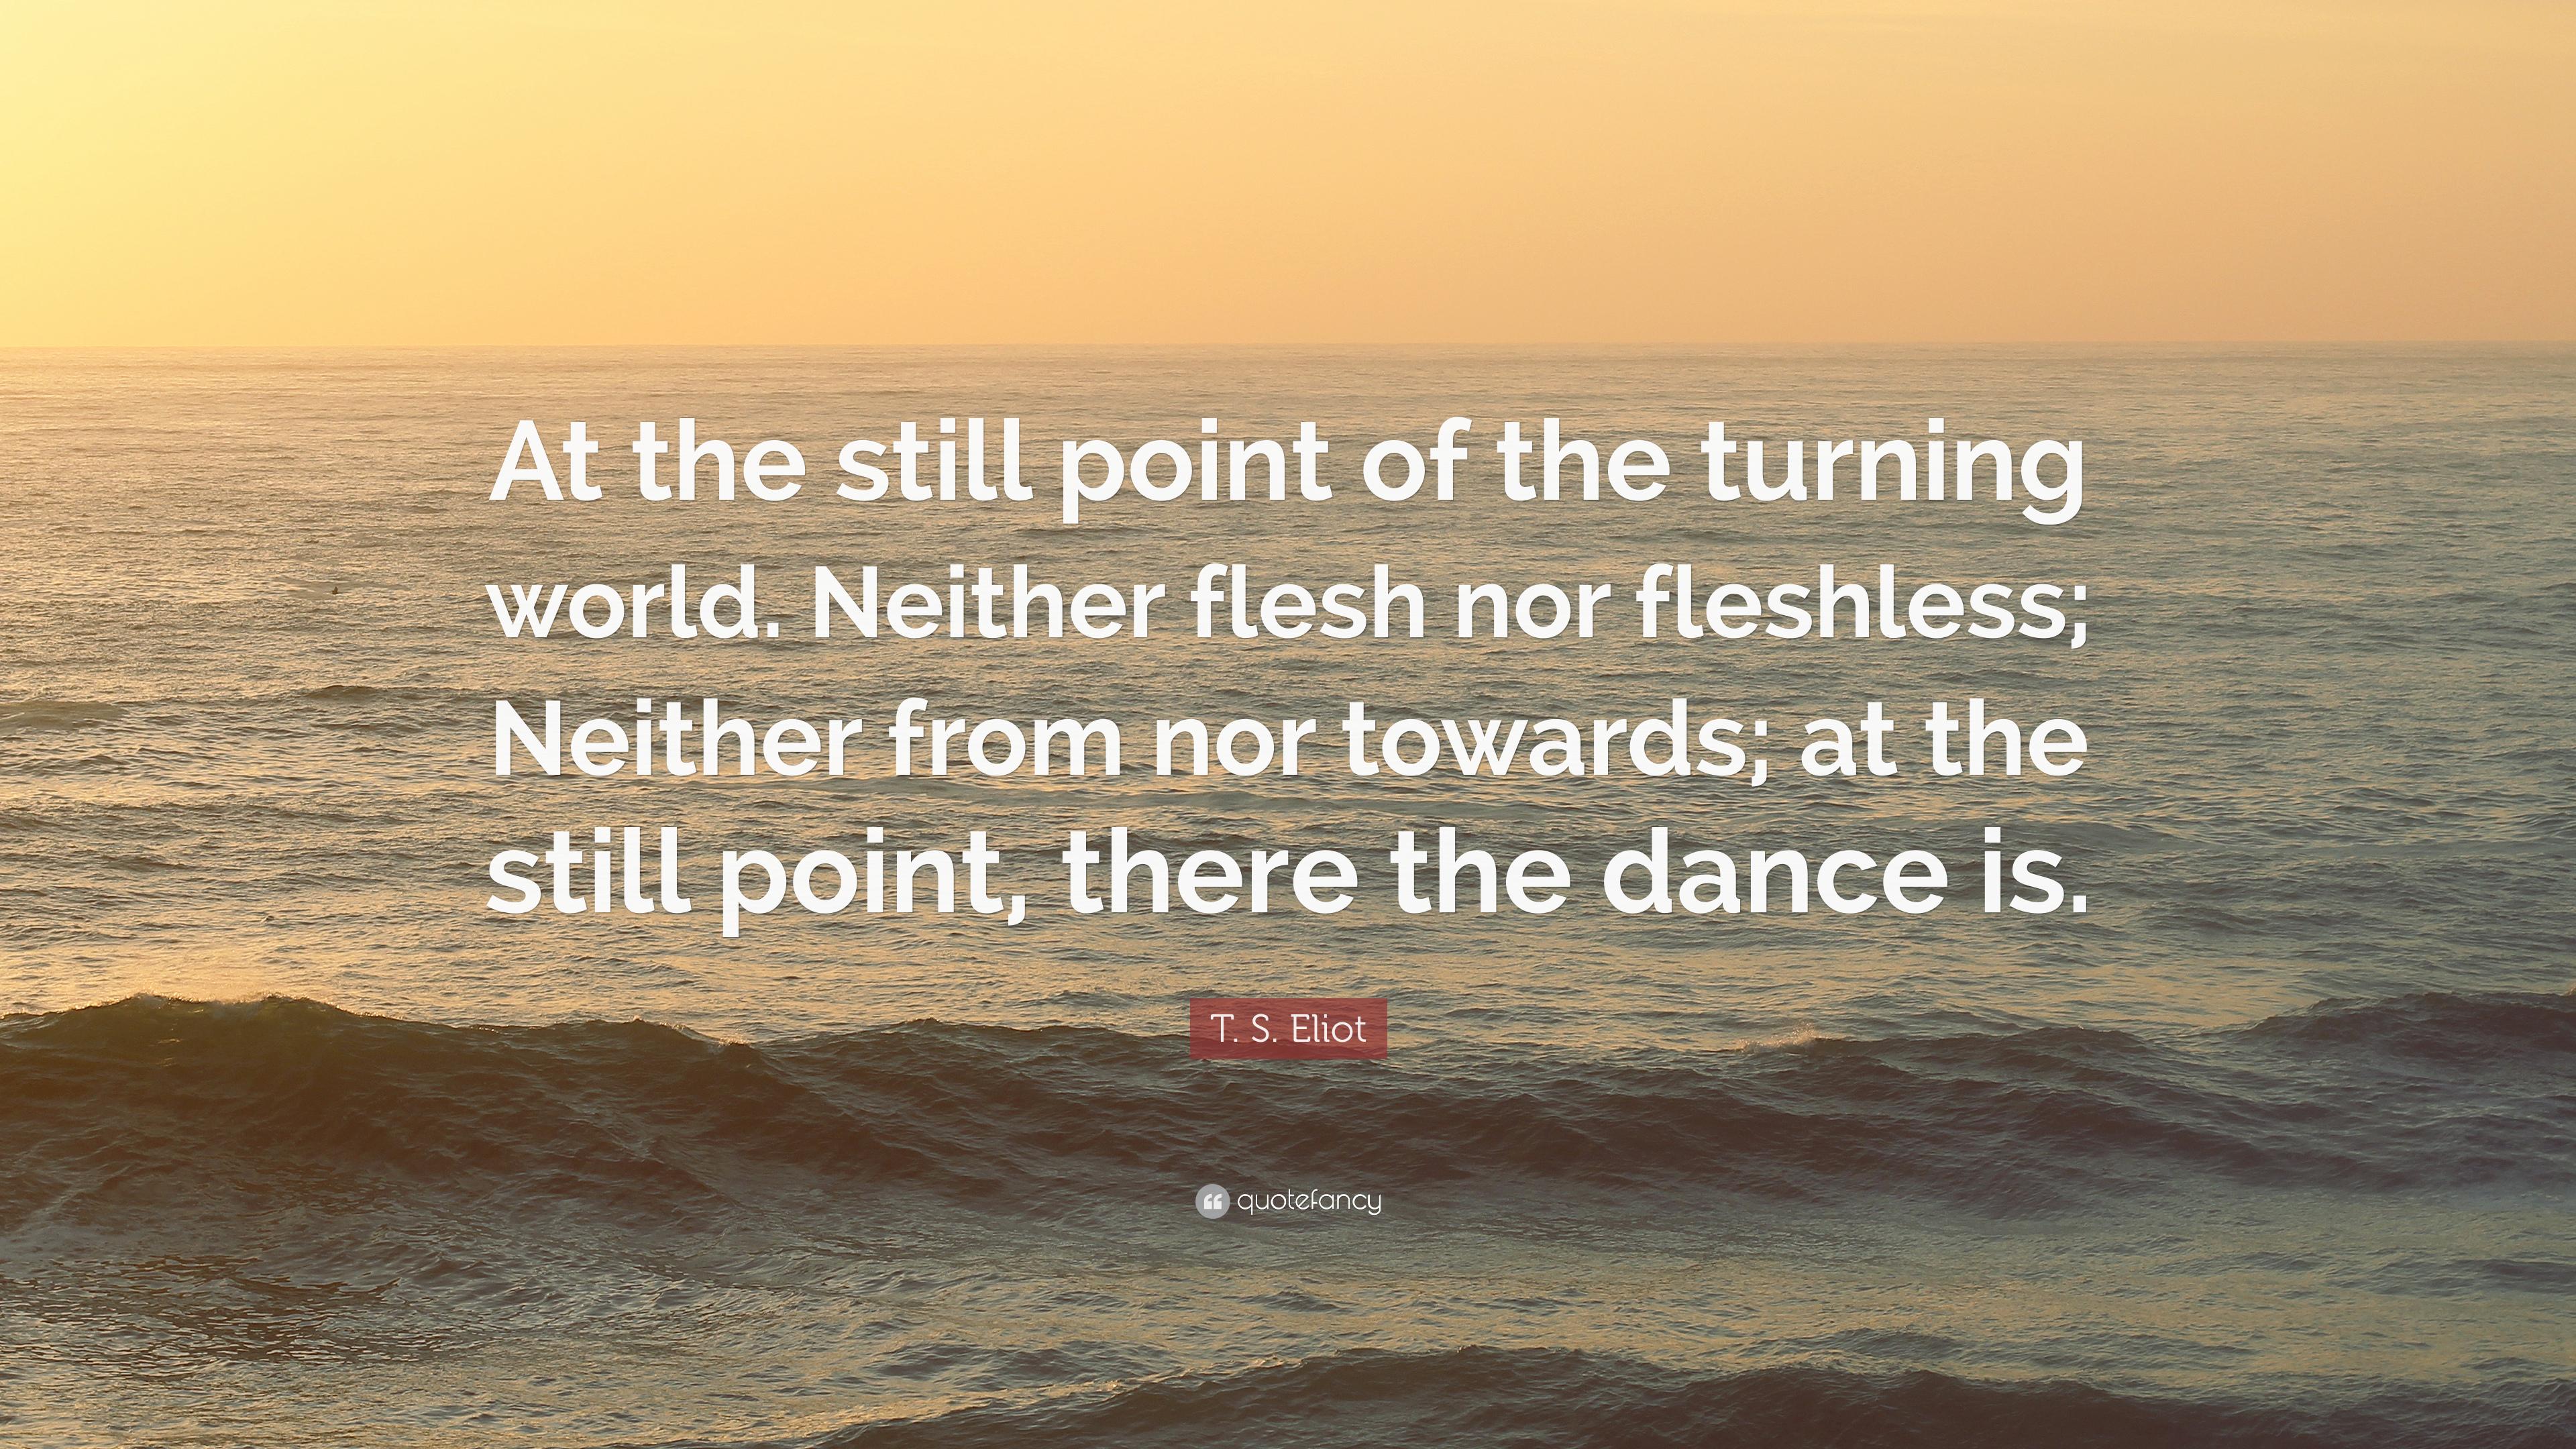 TS Eliot quote 2